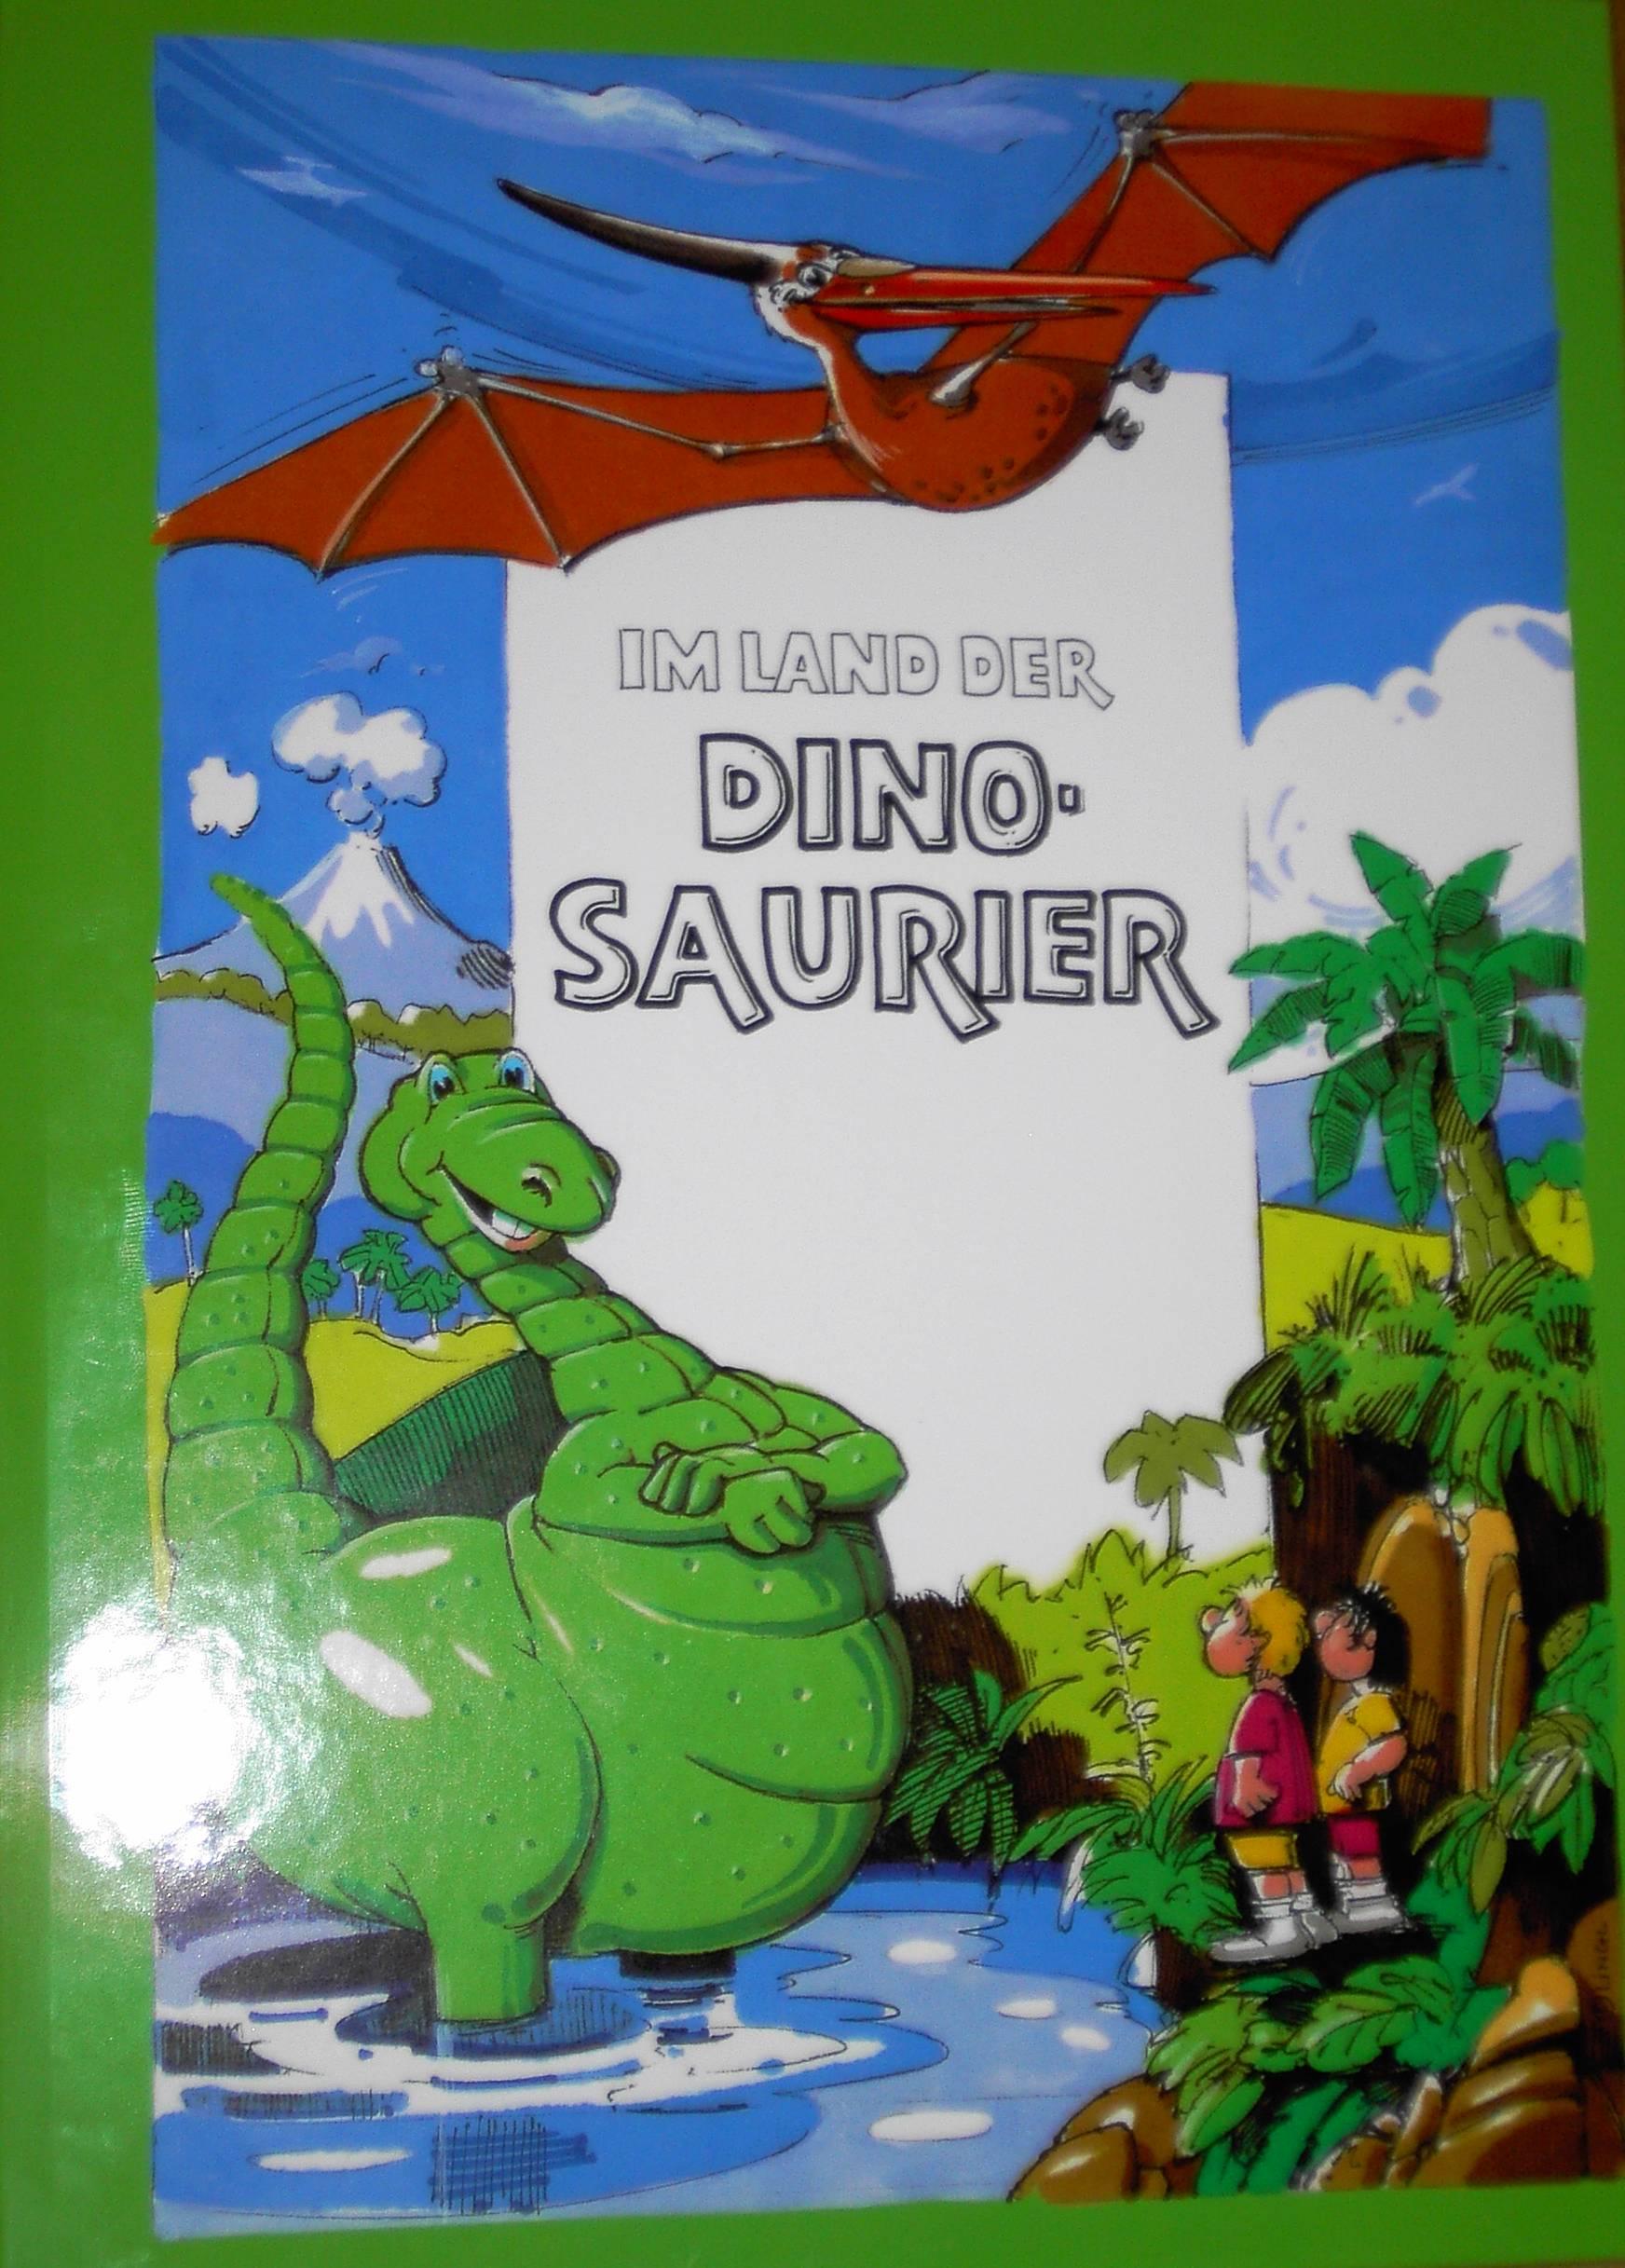 1548755234_Dino.jpg